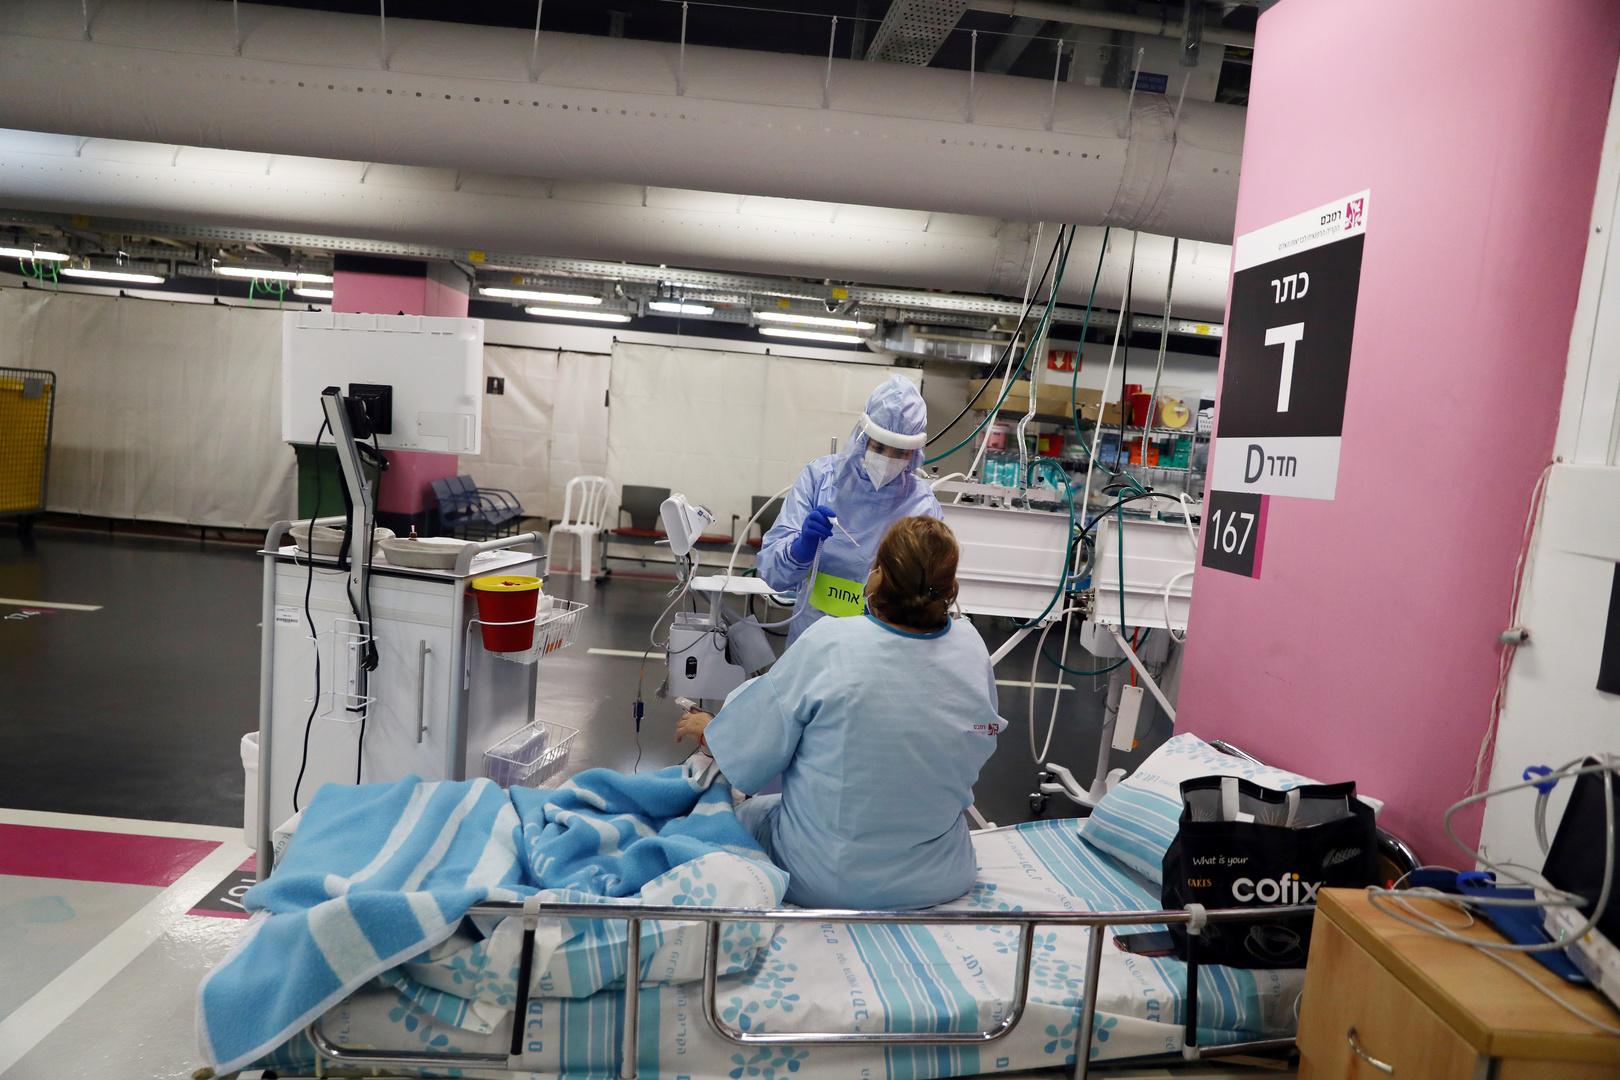 مستشفى لمعالجة حالات الإصابة بكورونا في إسرائيل